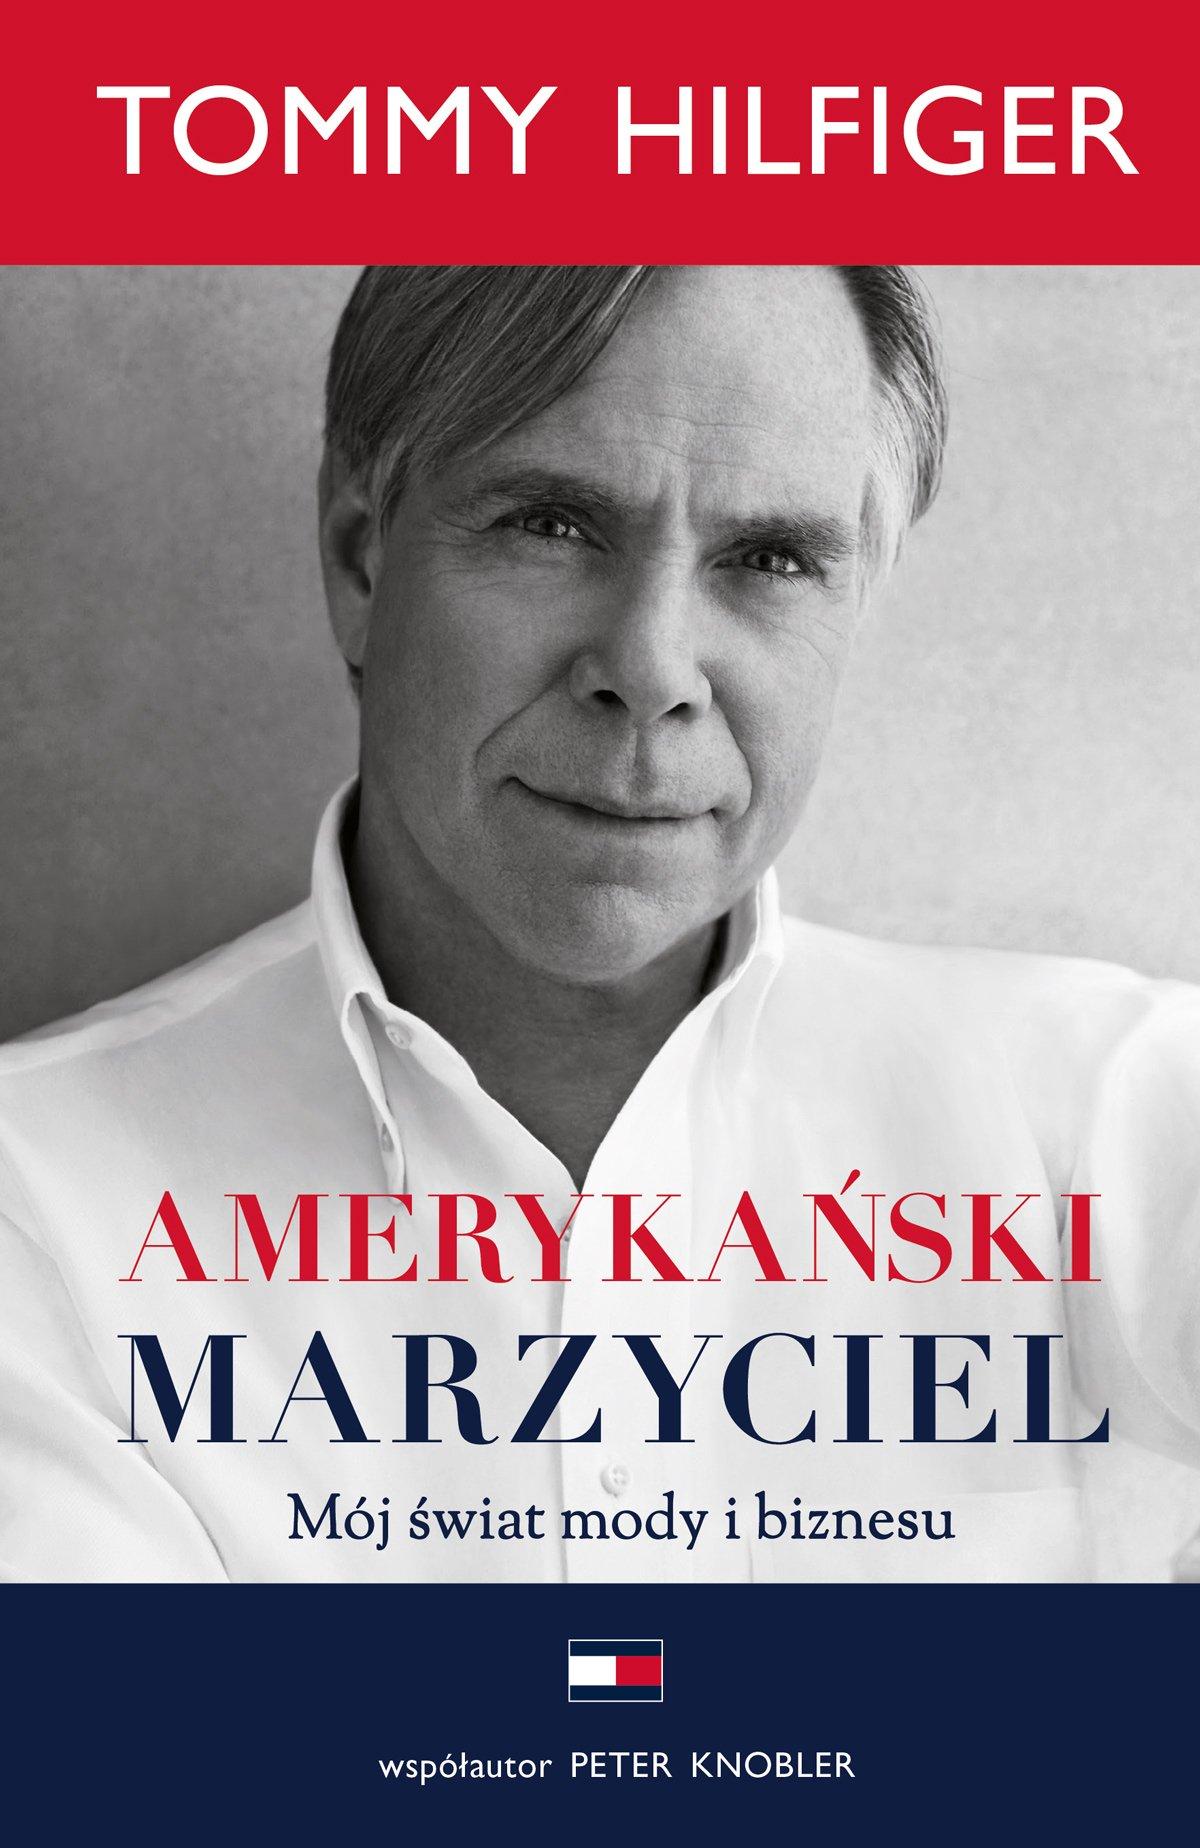 Amerykański marzyciel. Mój świat mody i biznesu - Ebook (Książka EPUB) do pobrania w formacie EPUB